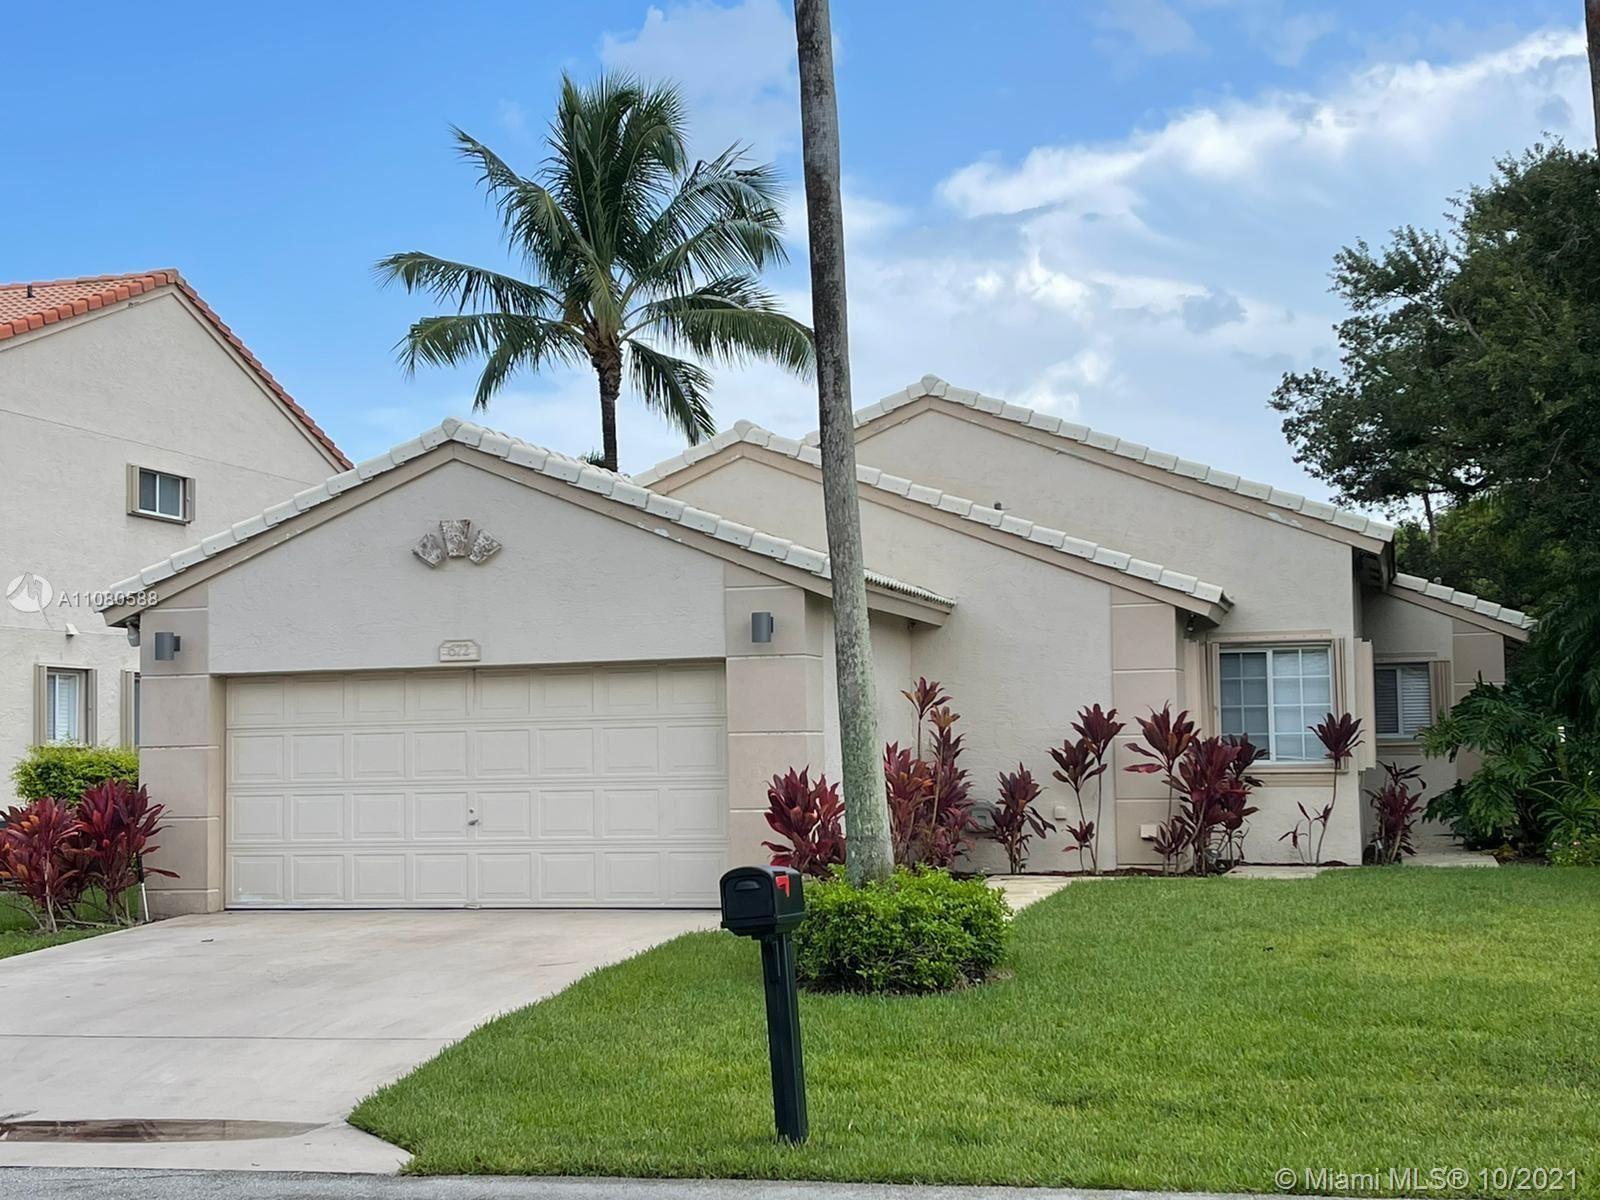 672 NW 45th Ave, Deerfield Beach, FL 33442 - #: A11080588